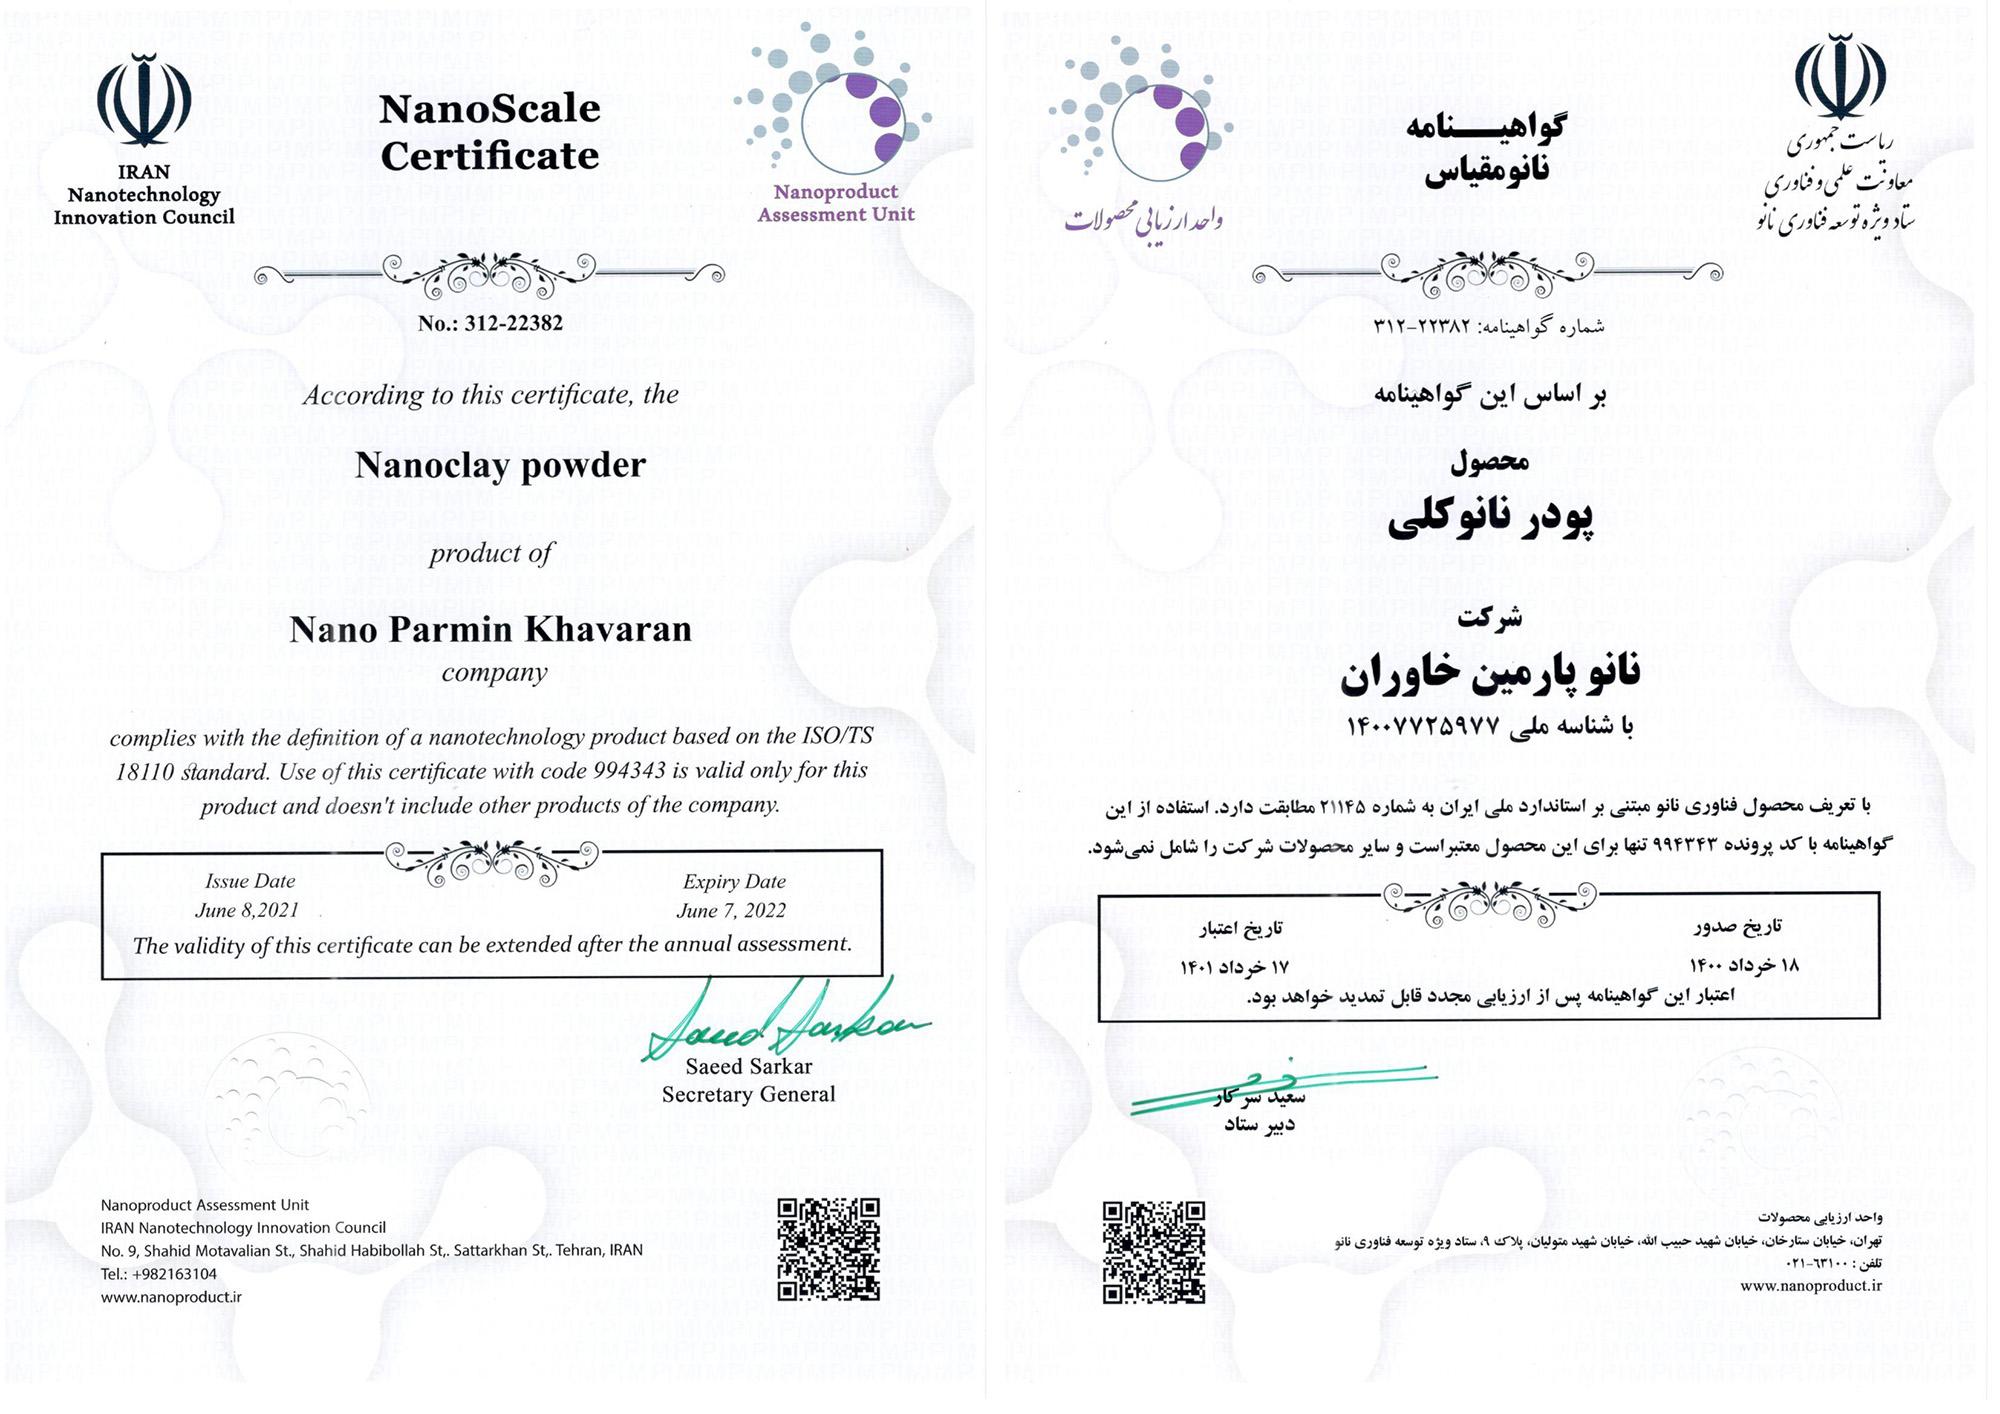 موفقیت شرکت نانو پارمین خاوران در اخذ گواهینامه نانو مقیاس از ستاد توسعه فناوری نانو در زمینه تولید صنعتی نانوکلی